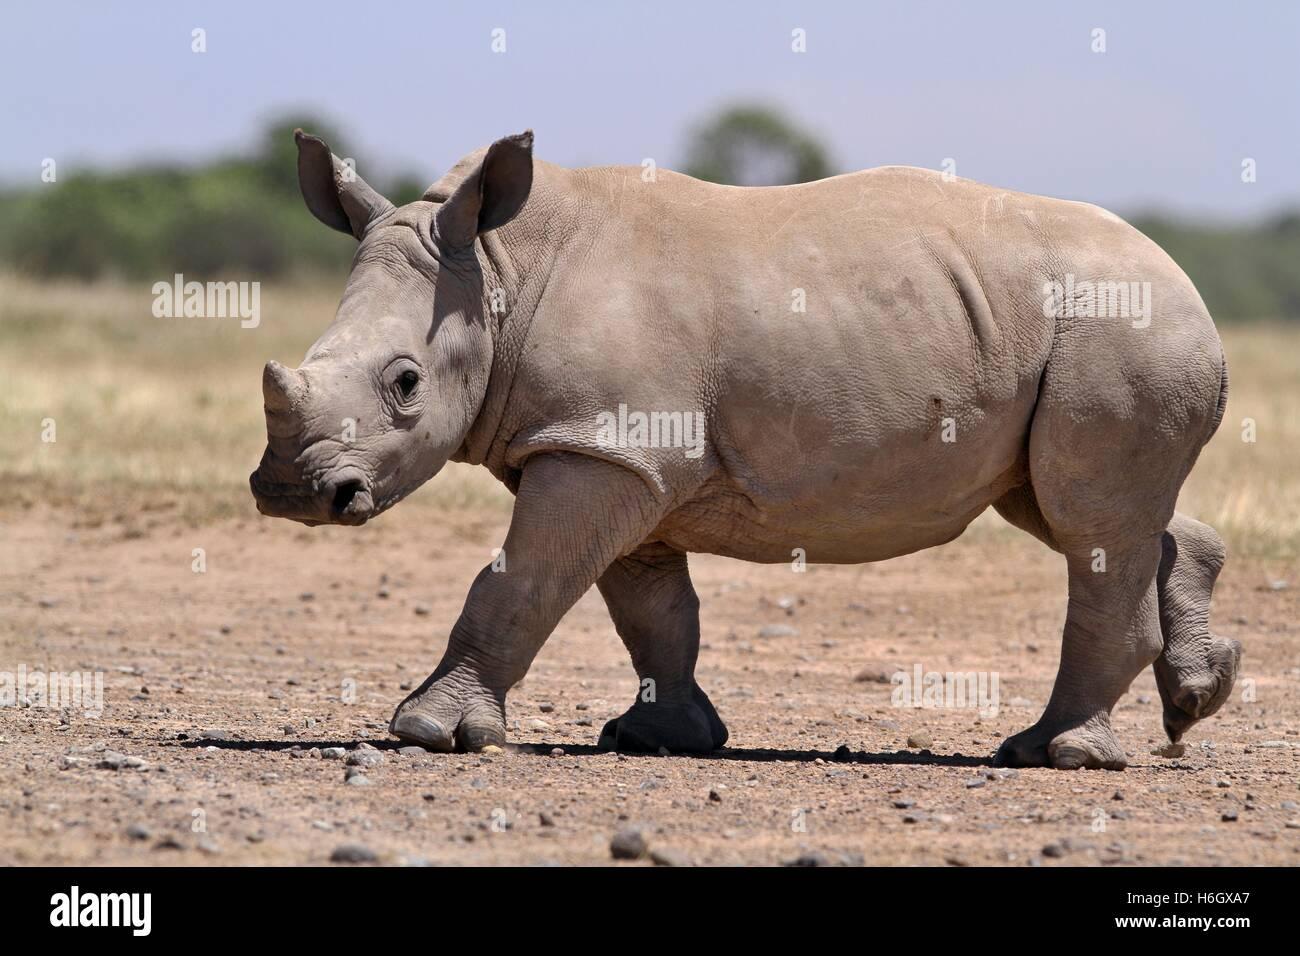 White Rhino calf walking at Ol Pajeta Conservancy, Nanyuki, Kenya - Stock Image